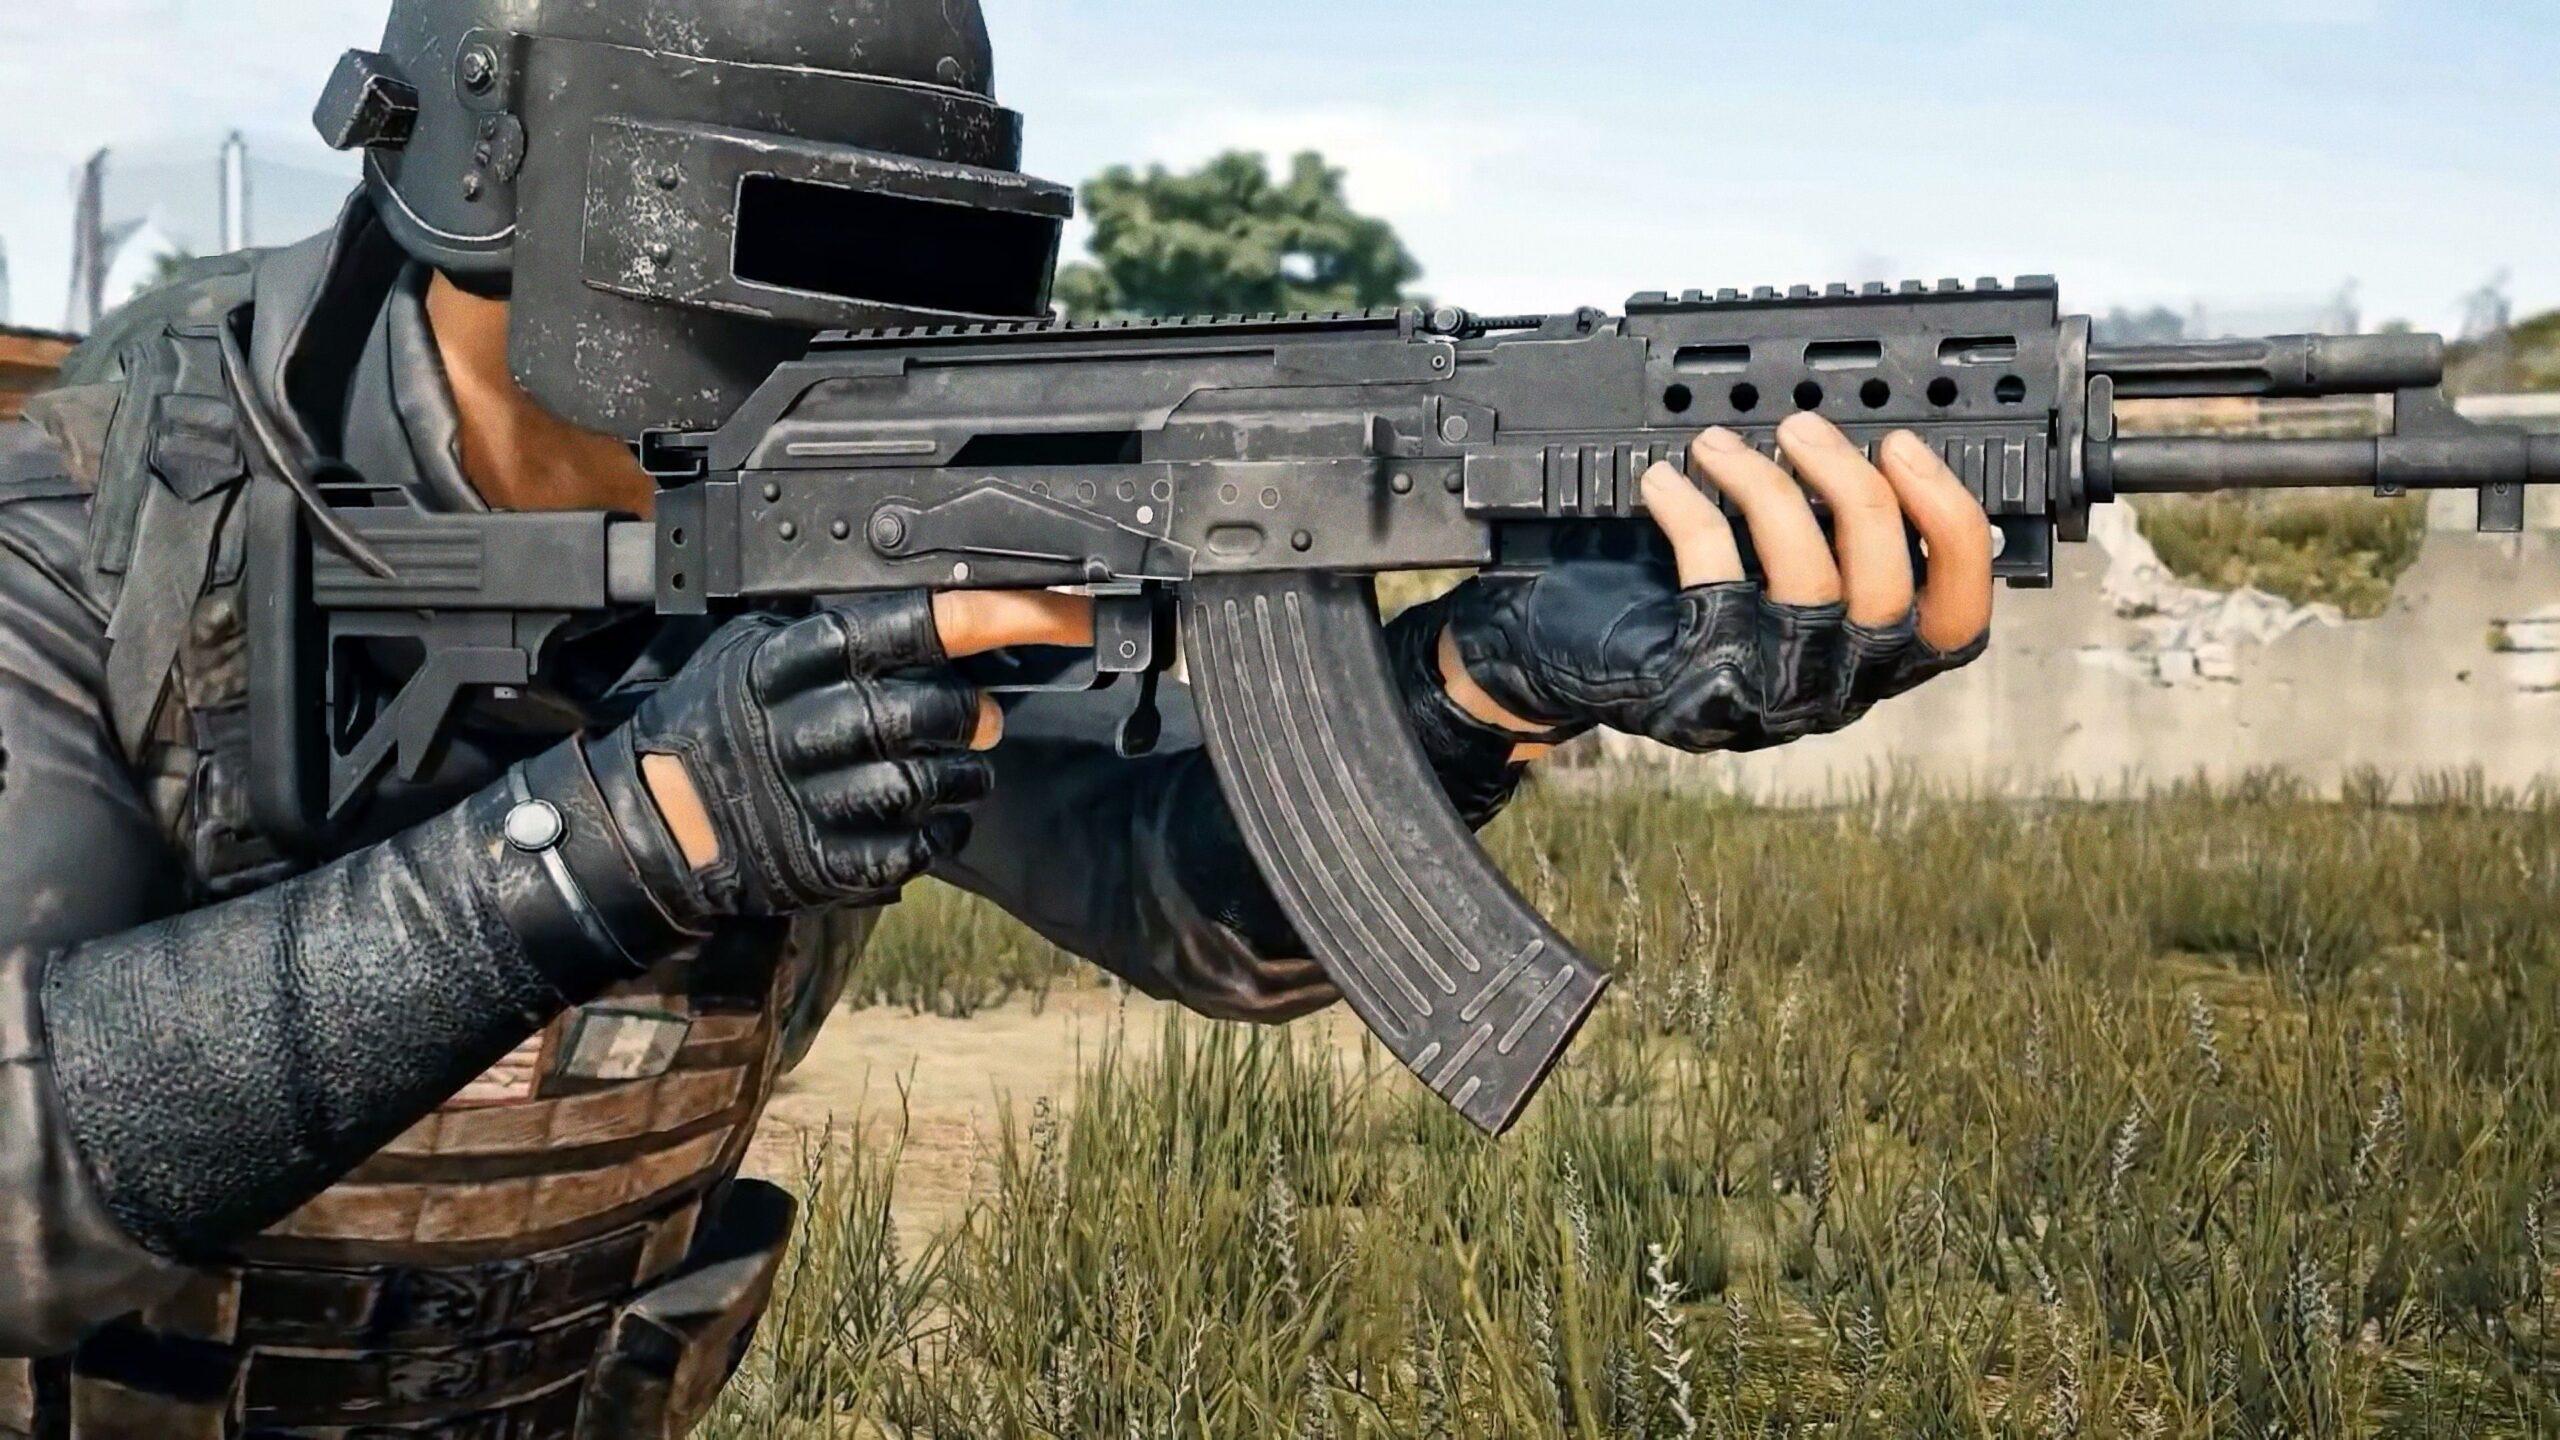 بهترین attachment های اسلحه M762 در بازی پابجی موبایل